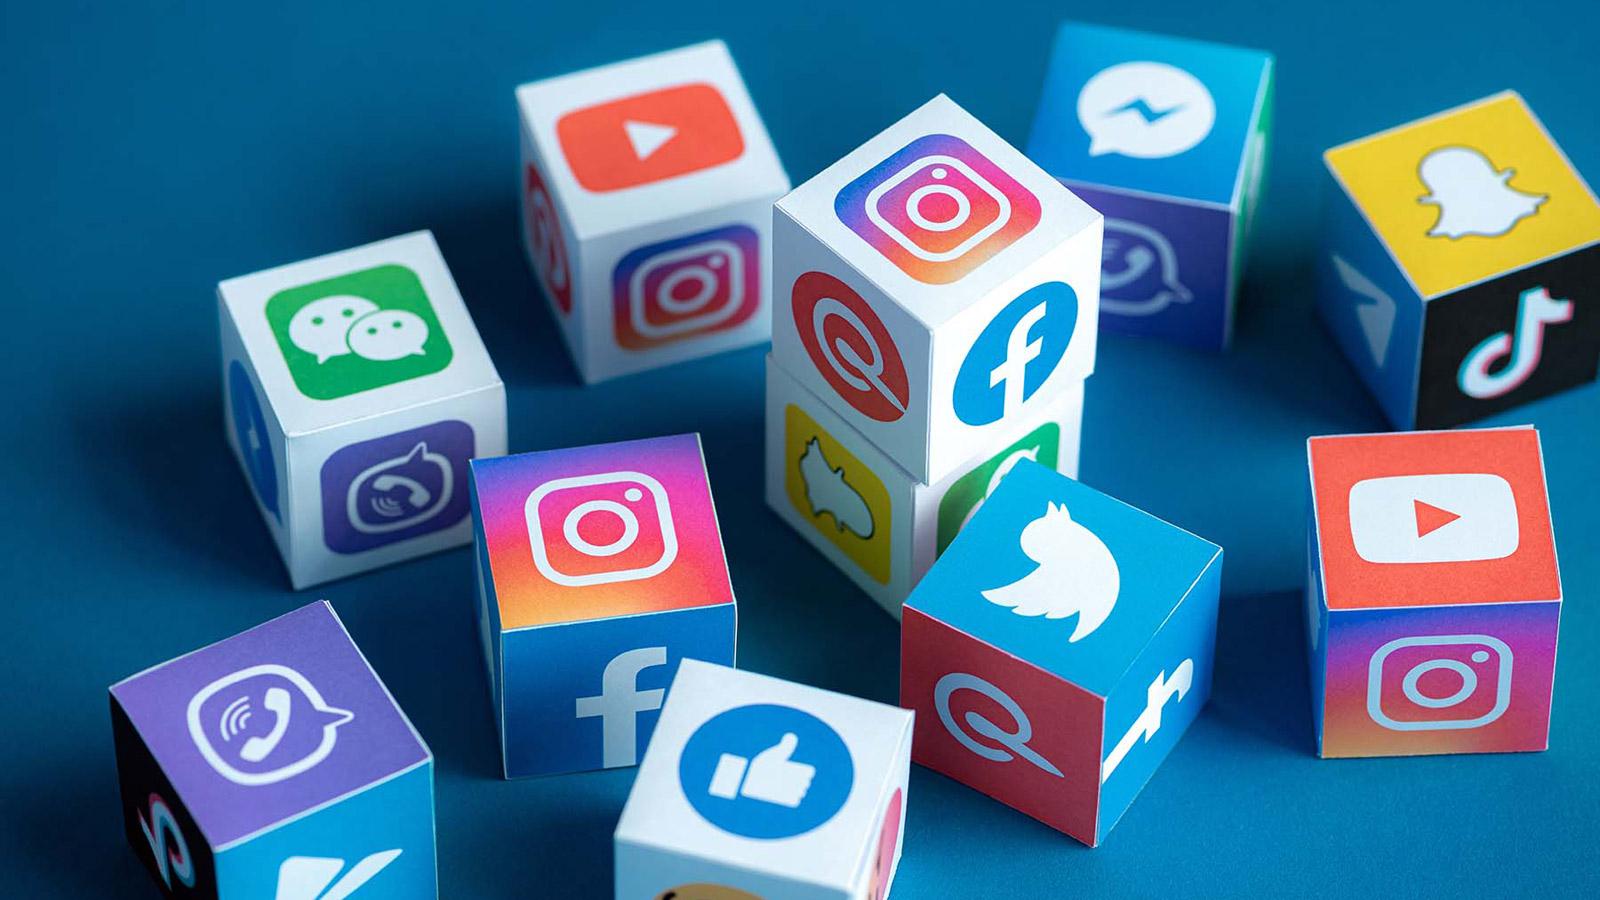 Jogos nas redes sociais são mais uma forma de armazenar dados dos usuários